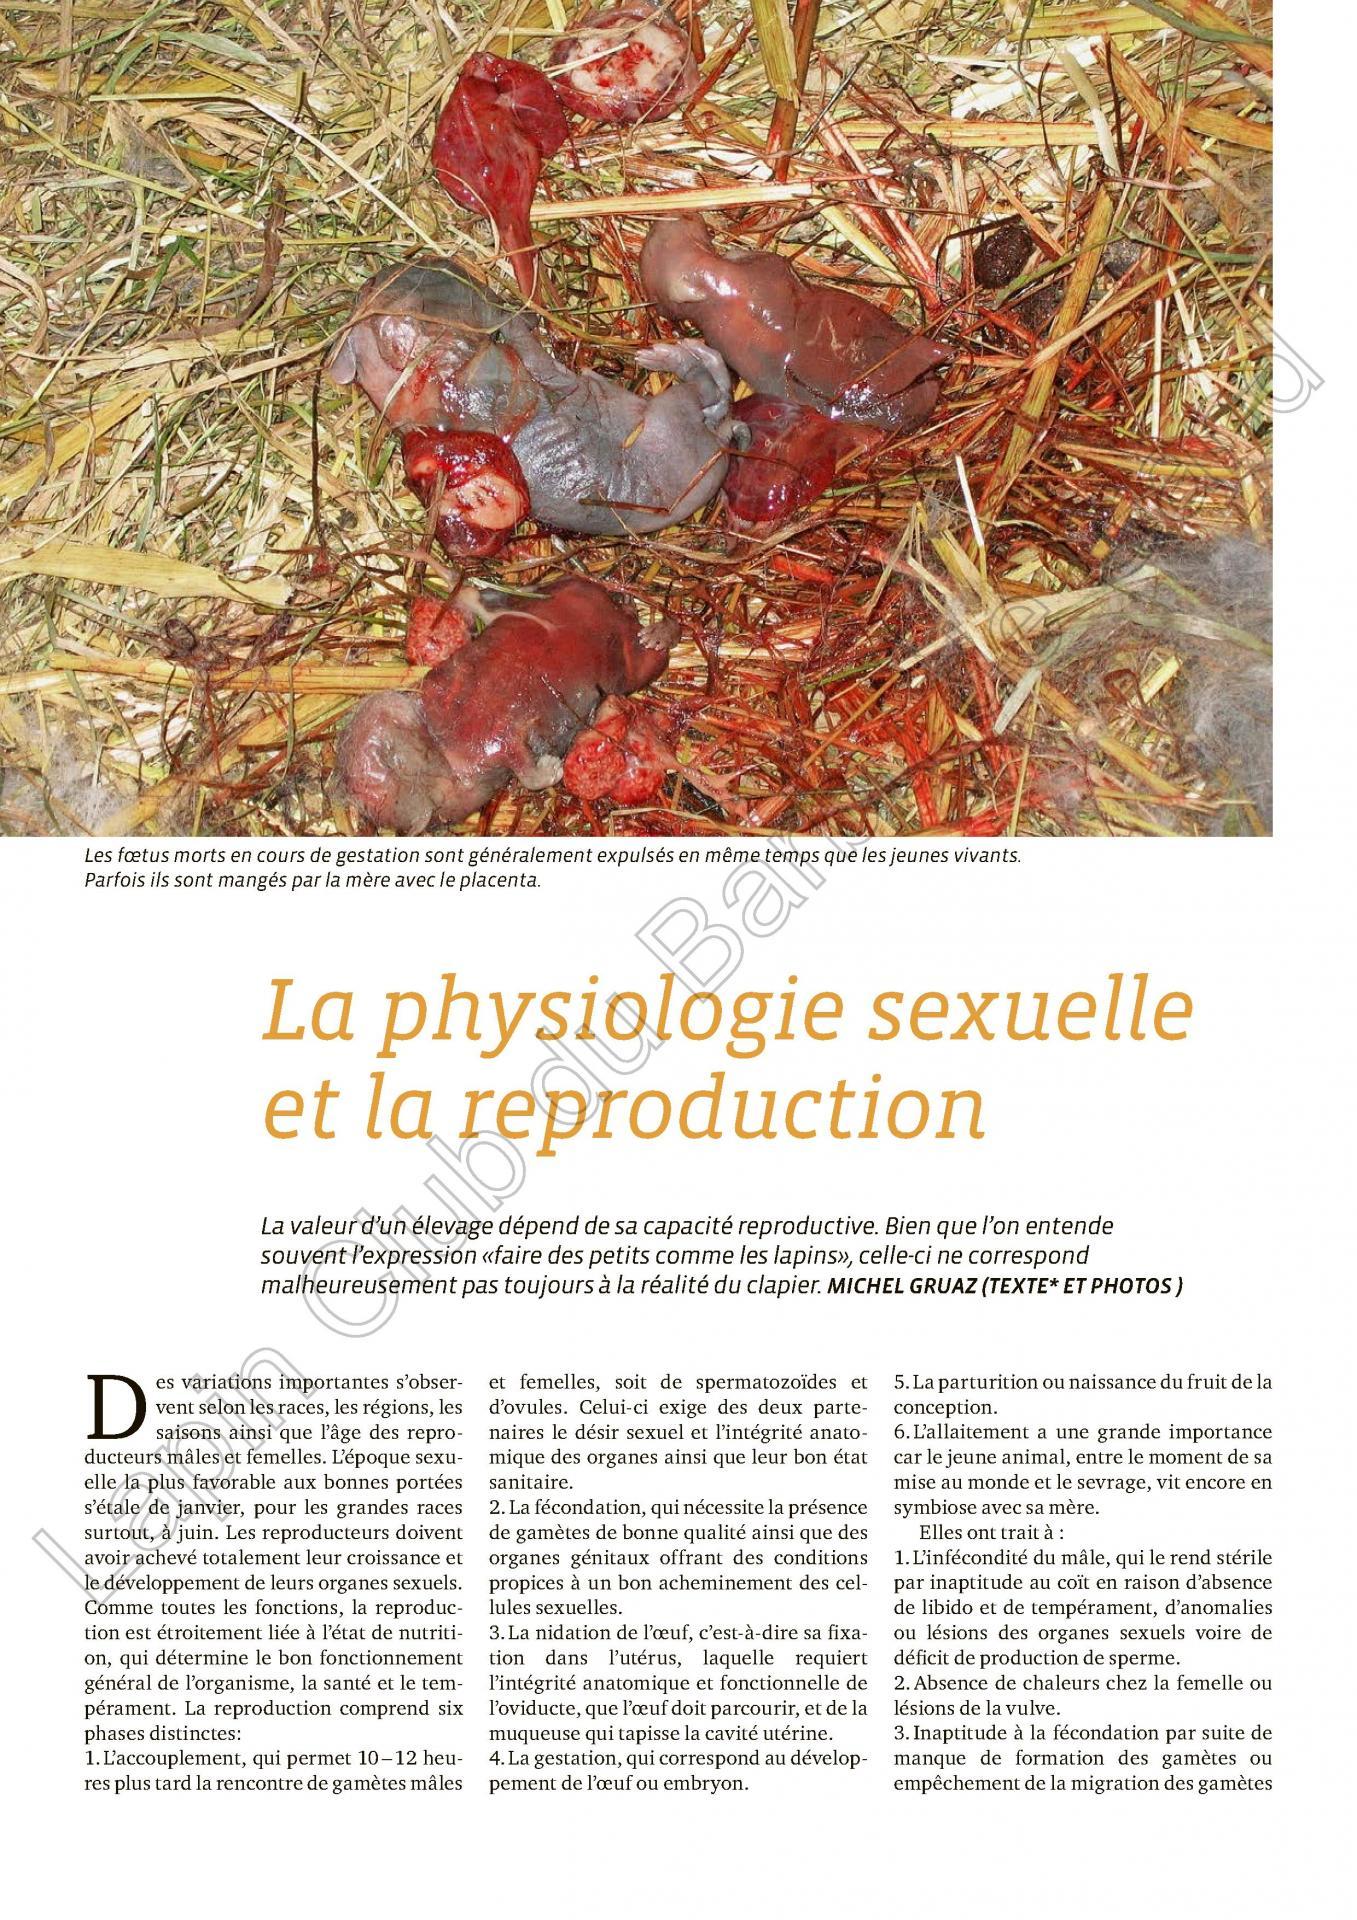 La physiologie sexuelle et la reproduction 1